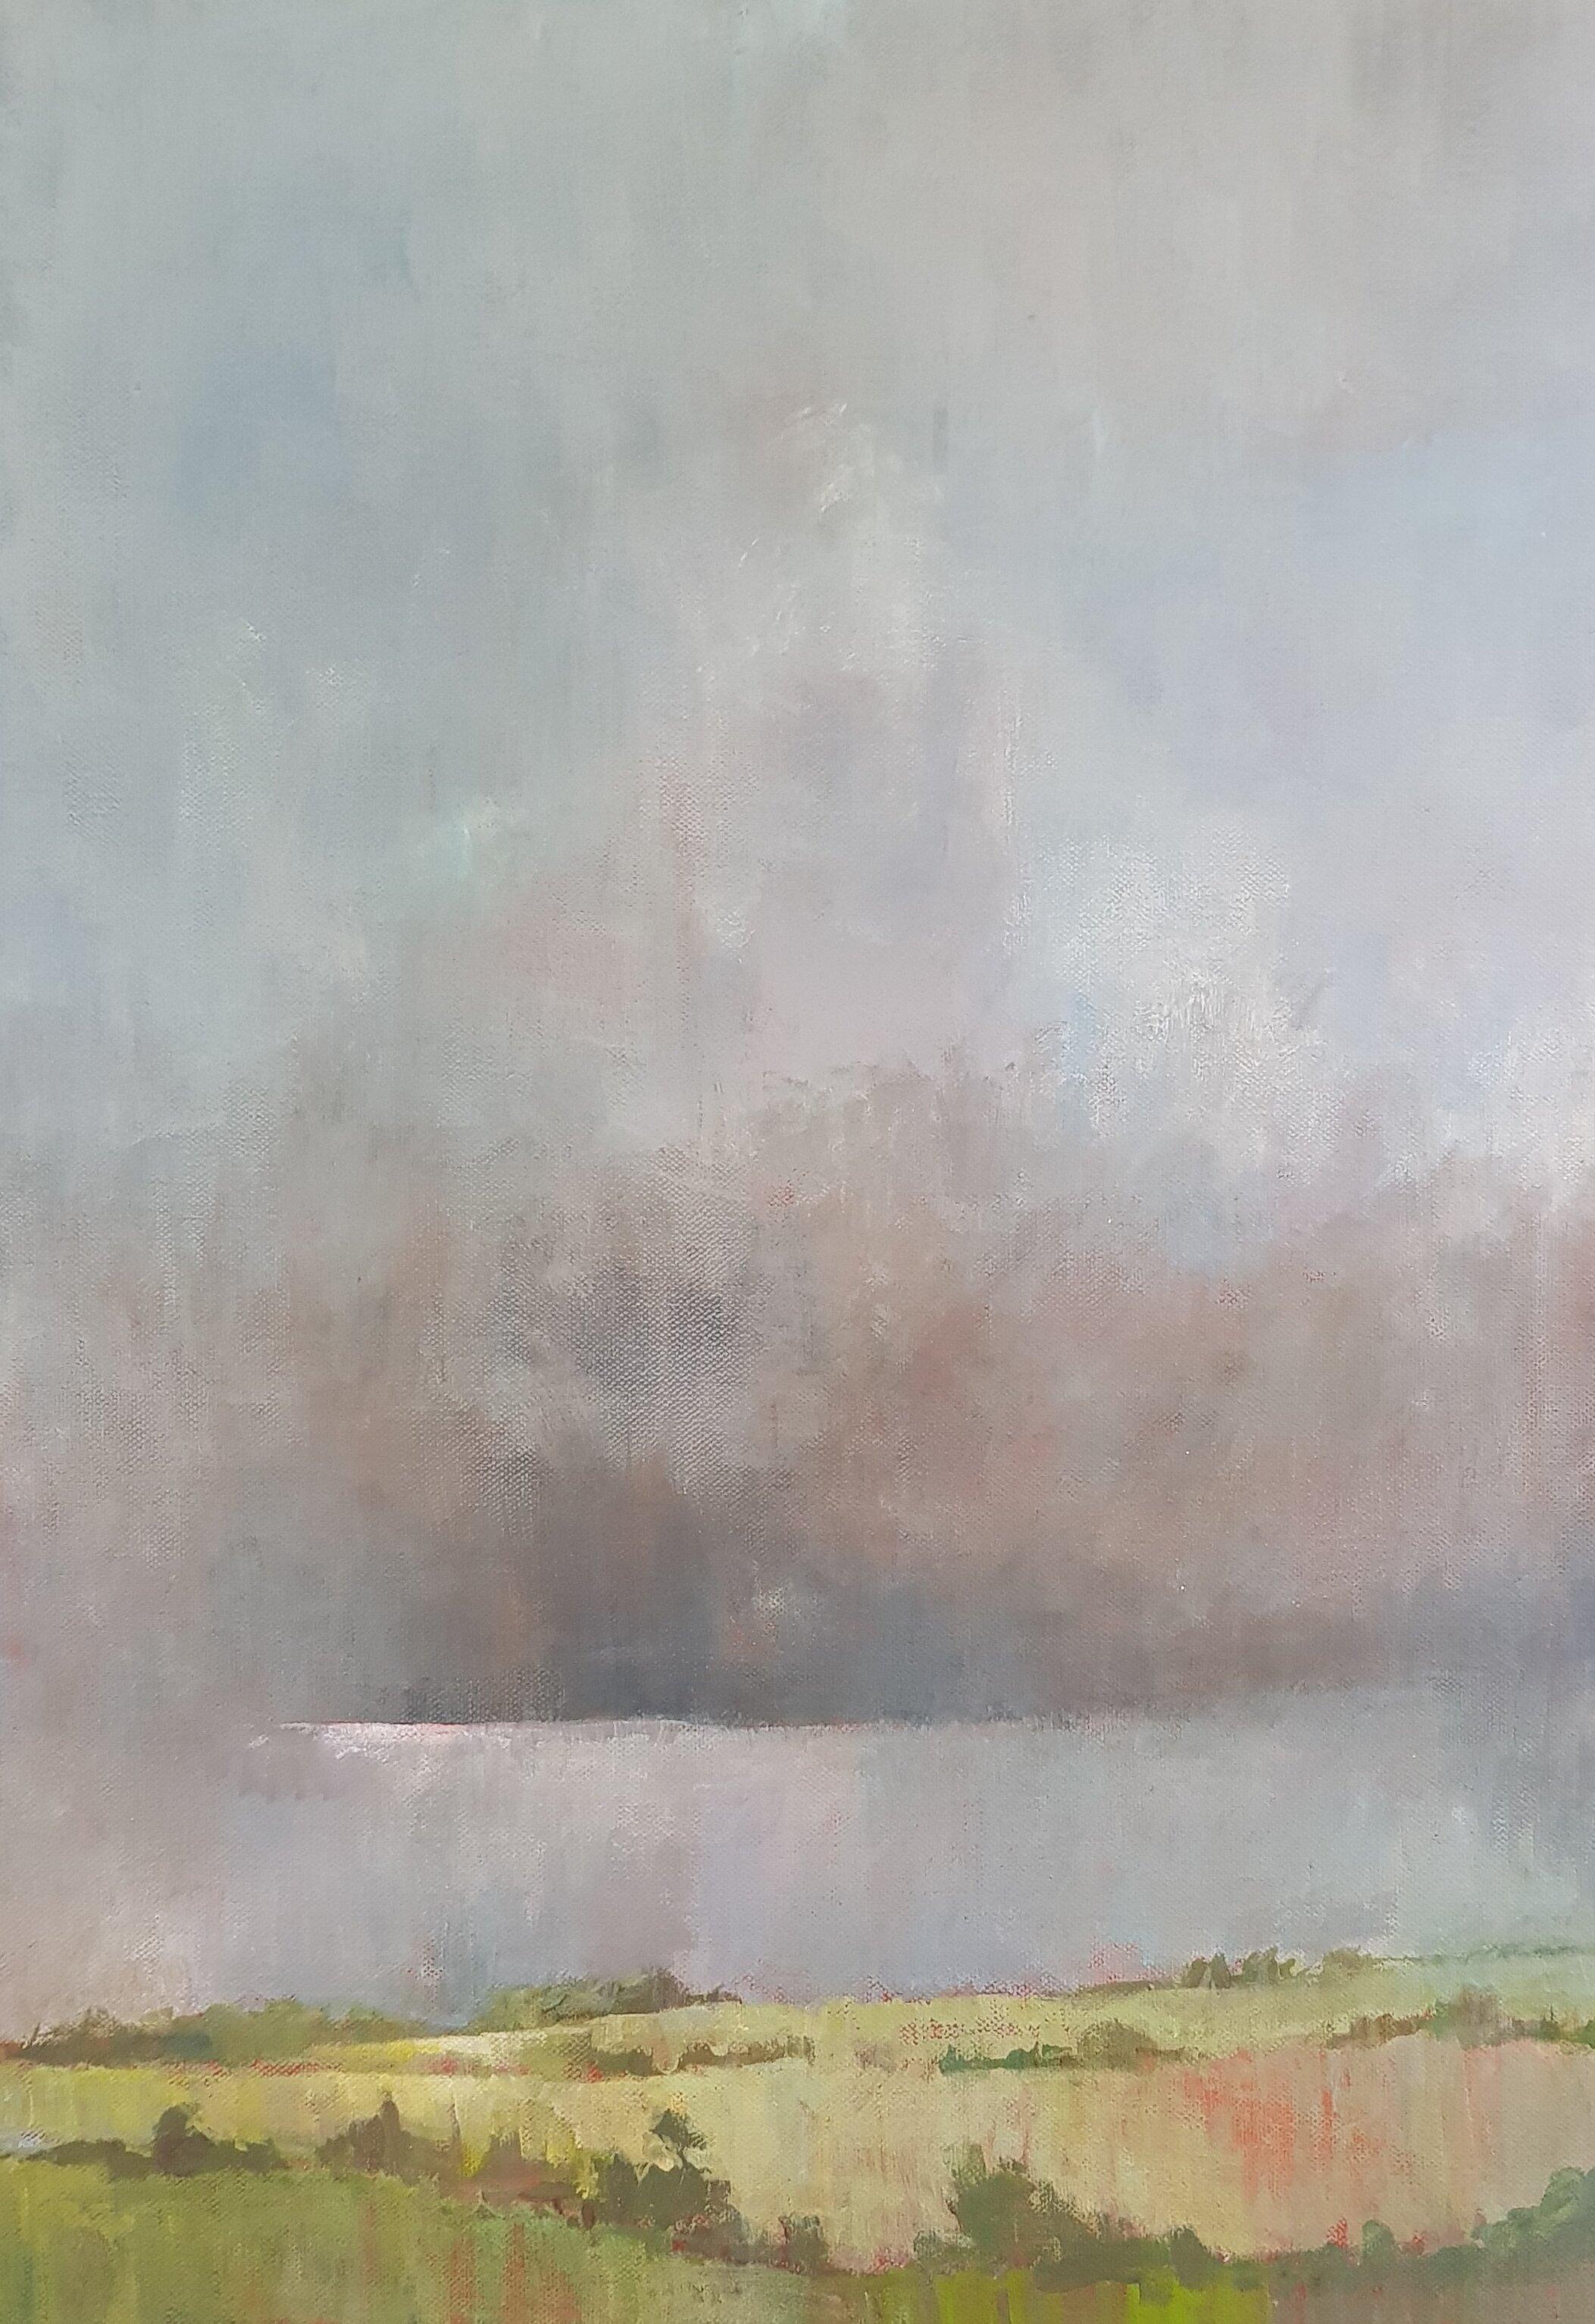 acrylics on canvas  60cm x 40cm